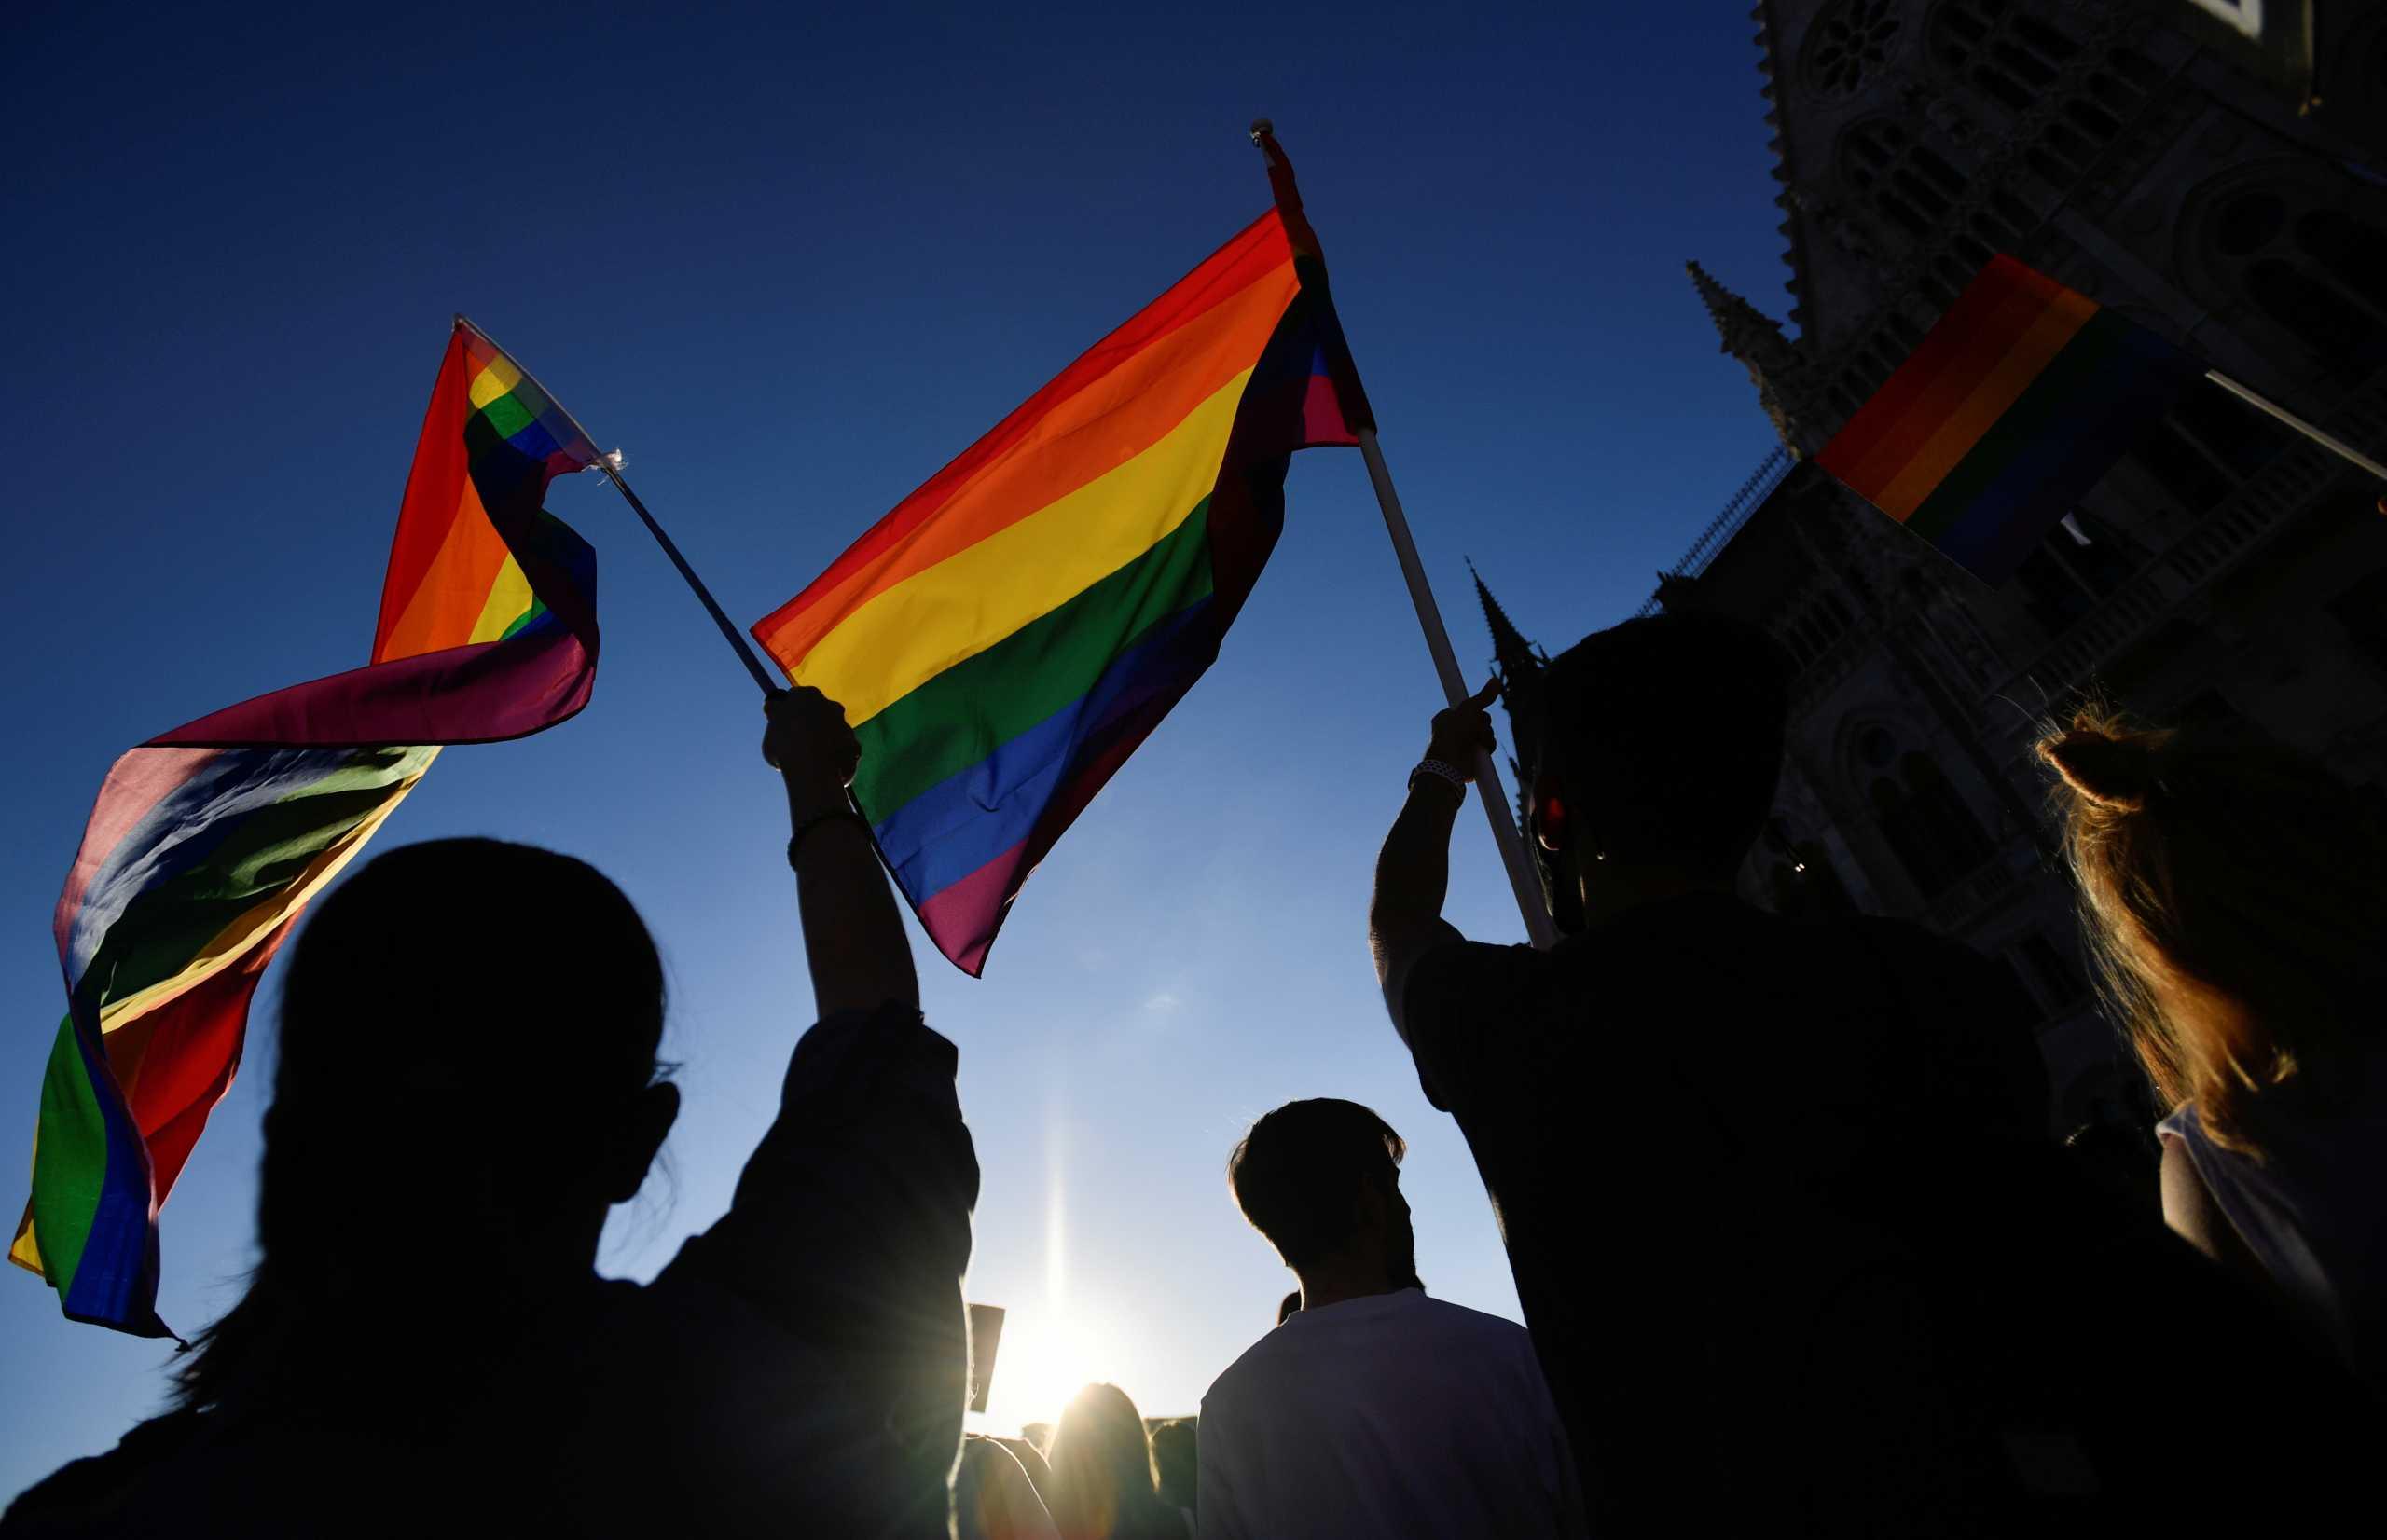 Ευρωπαϊκή Επιτροπή: Έτοιμη να «βγάλει στη σέντρα» την Ουγγαρία για τον νόμο περί ΛΟΑΤΚΙ